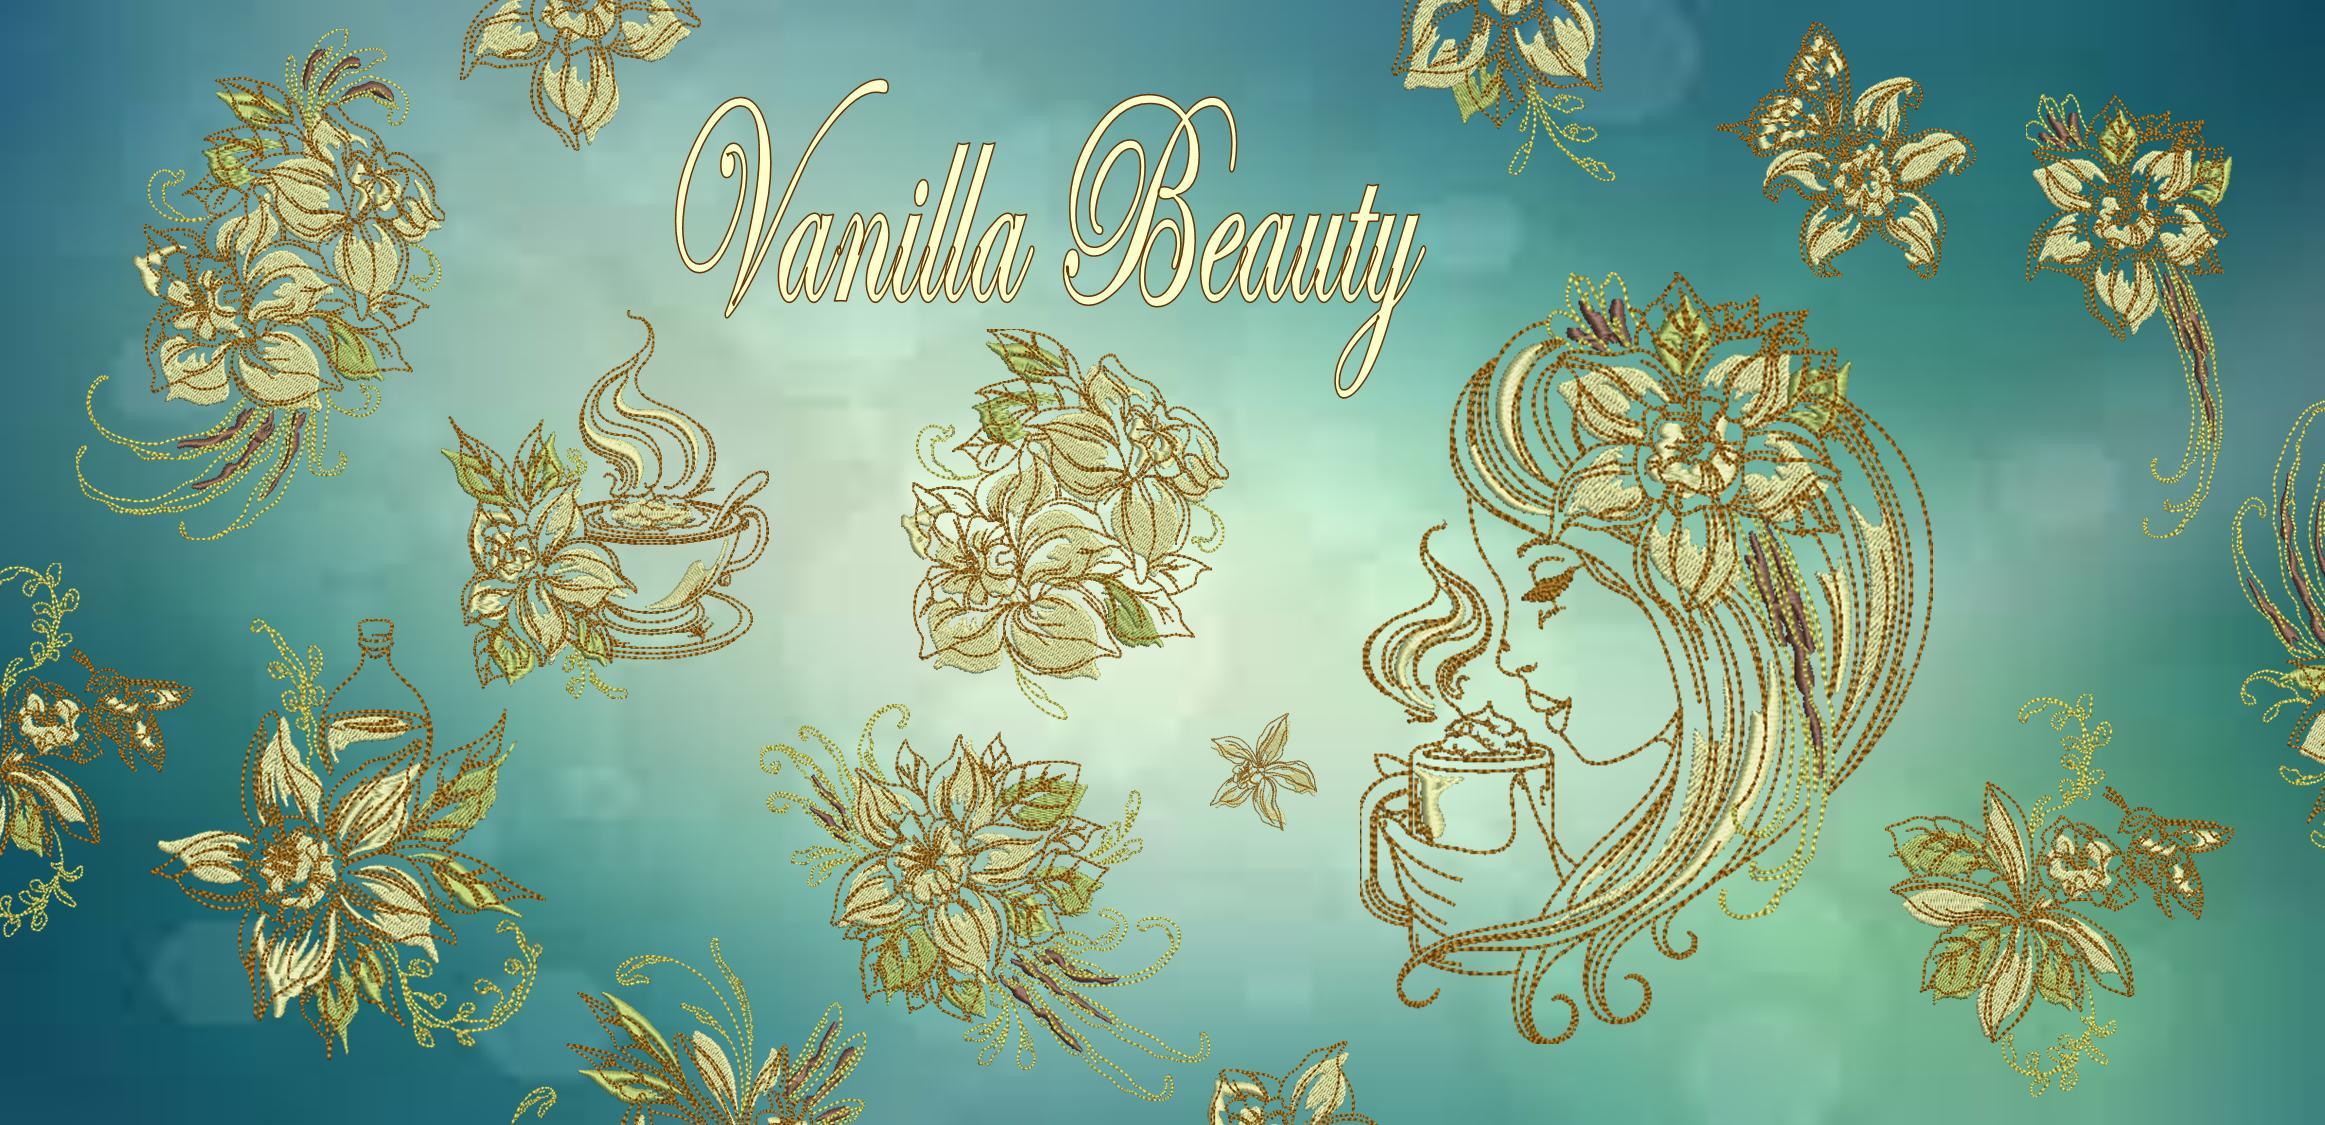 VANILLA BEAUTY BANNER